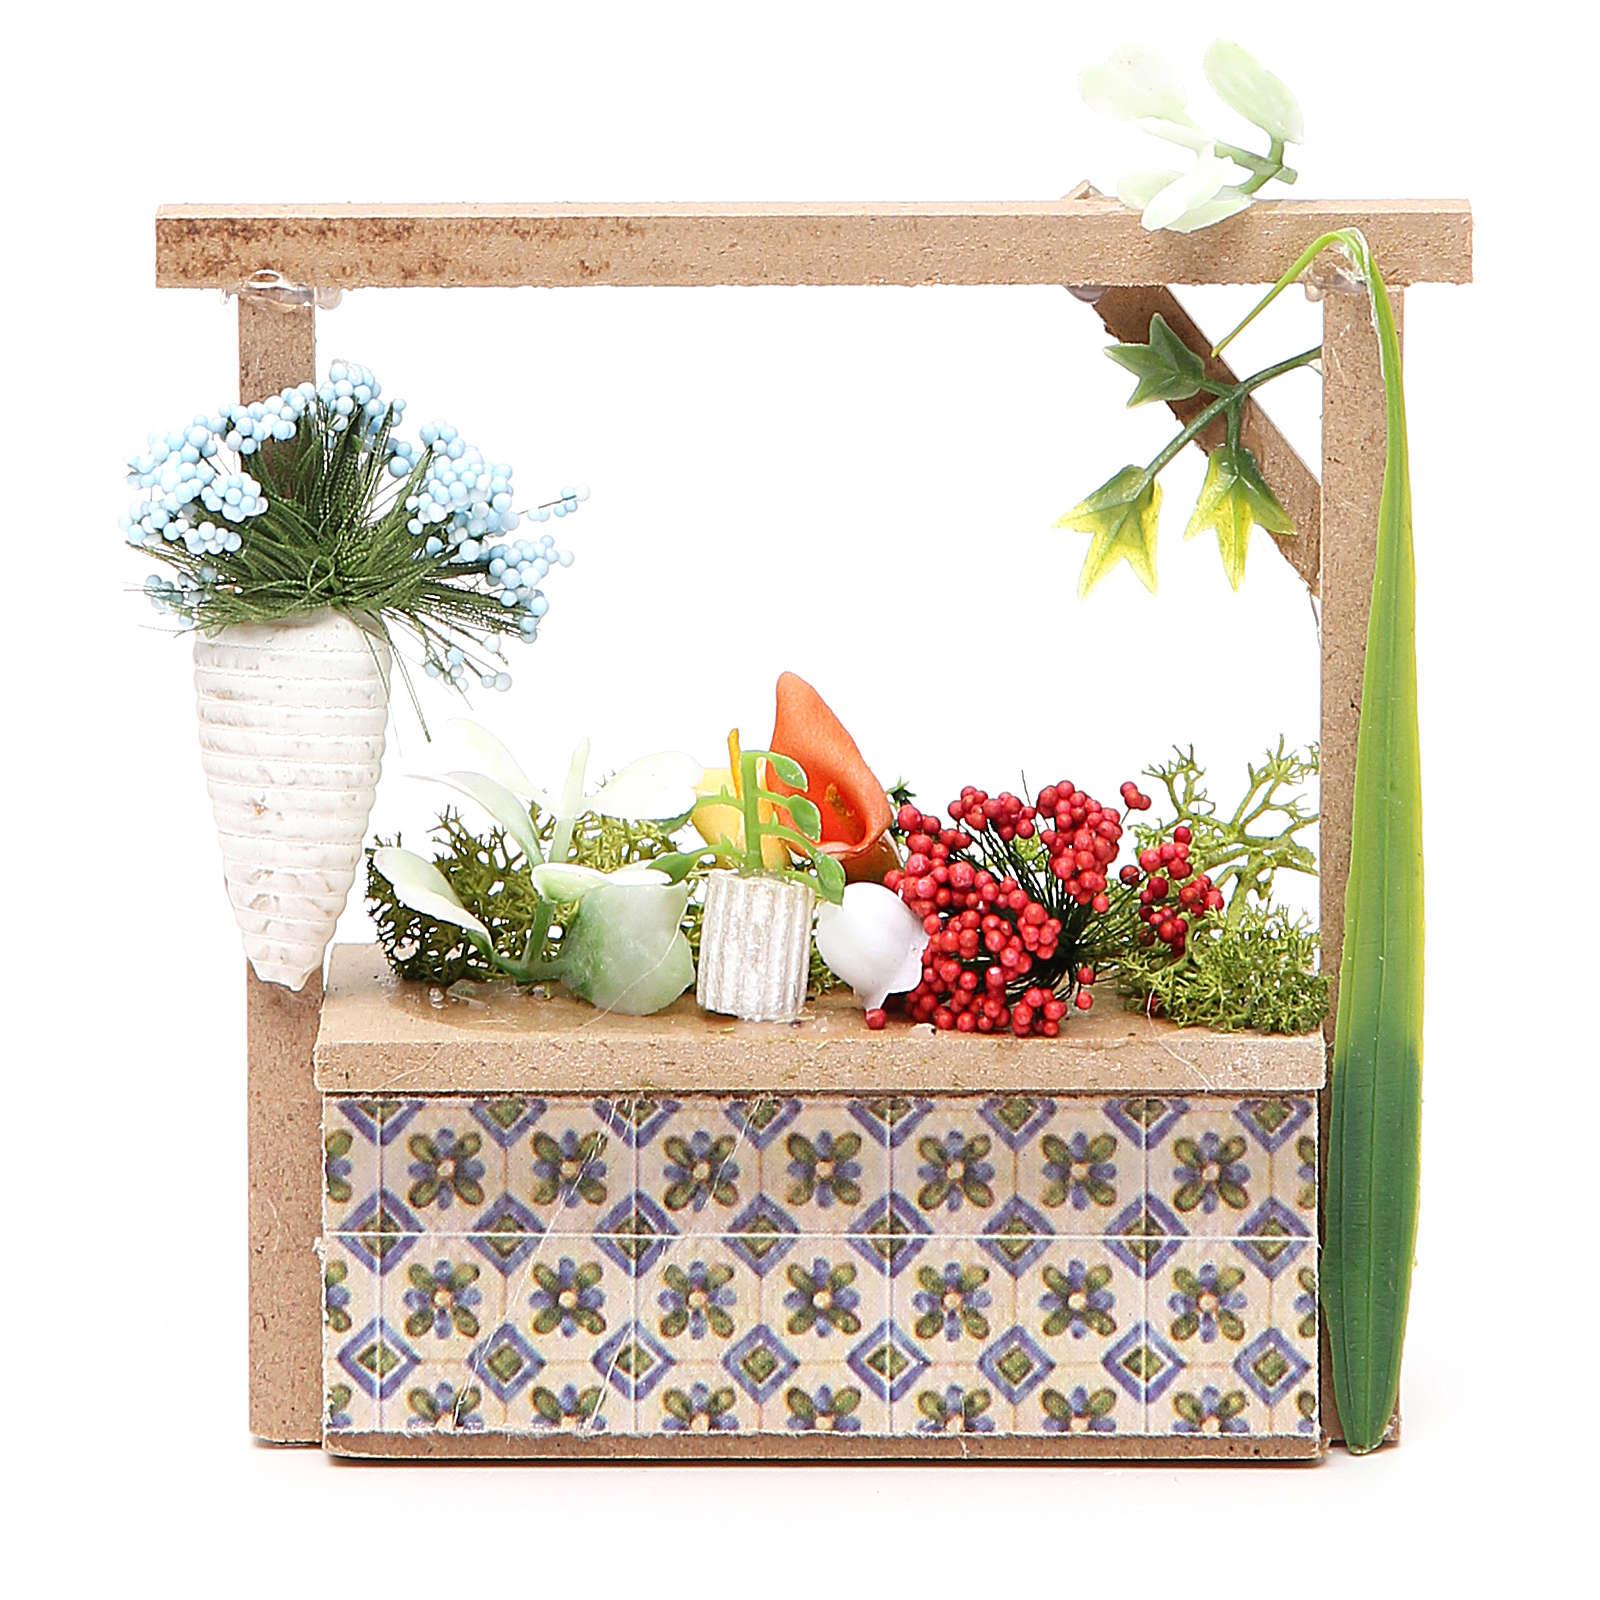 Banchetto presepe fiorista 10,5x11x4 cm 4